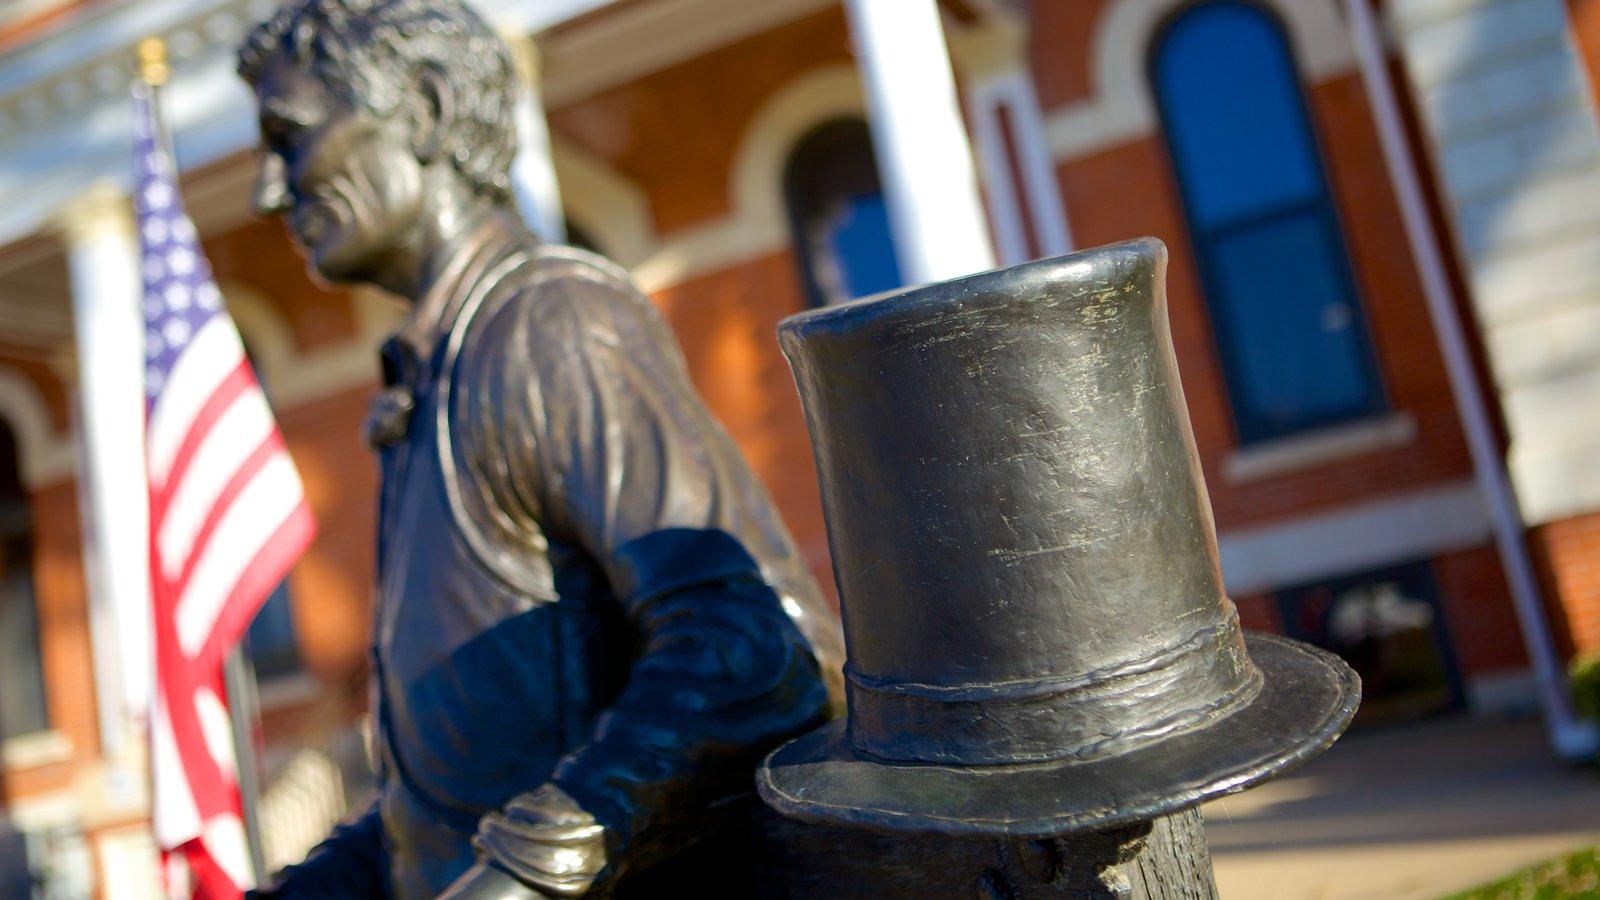 Pontiac que inclui uma estátua ou escultura